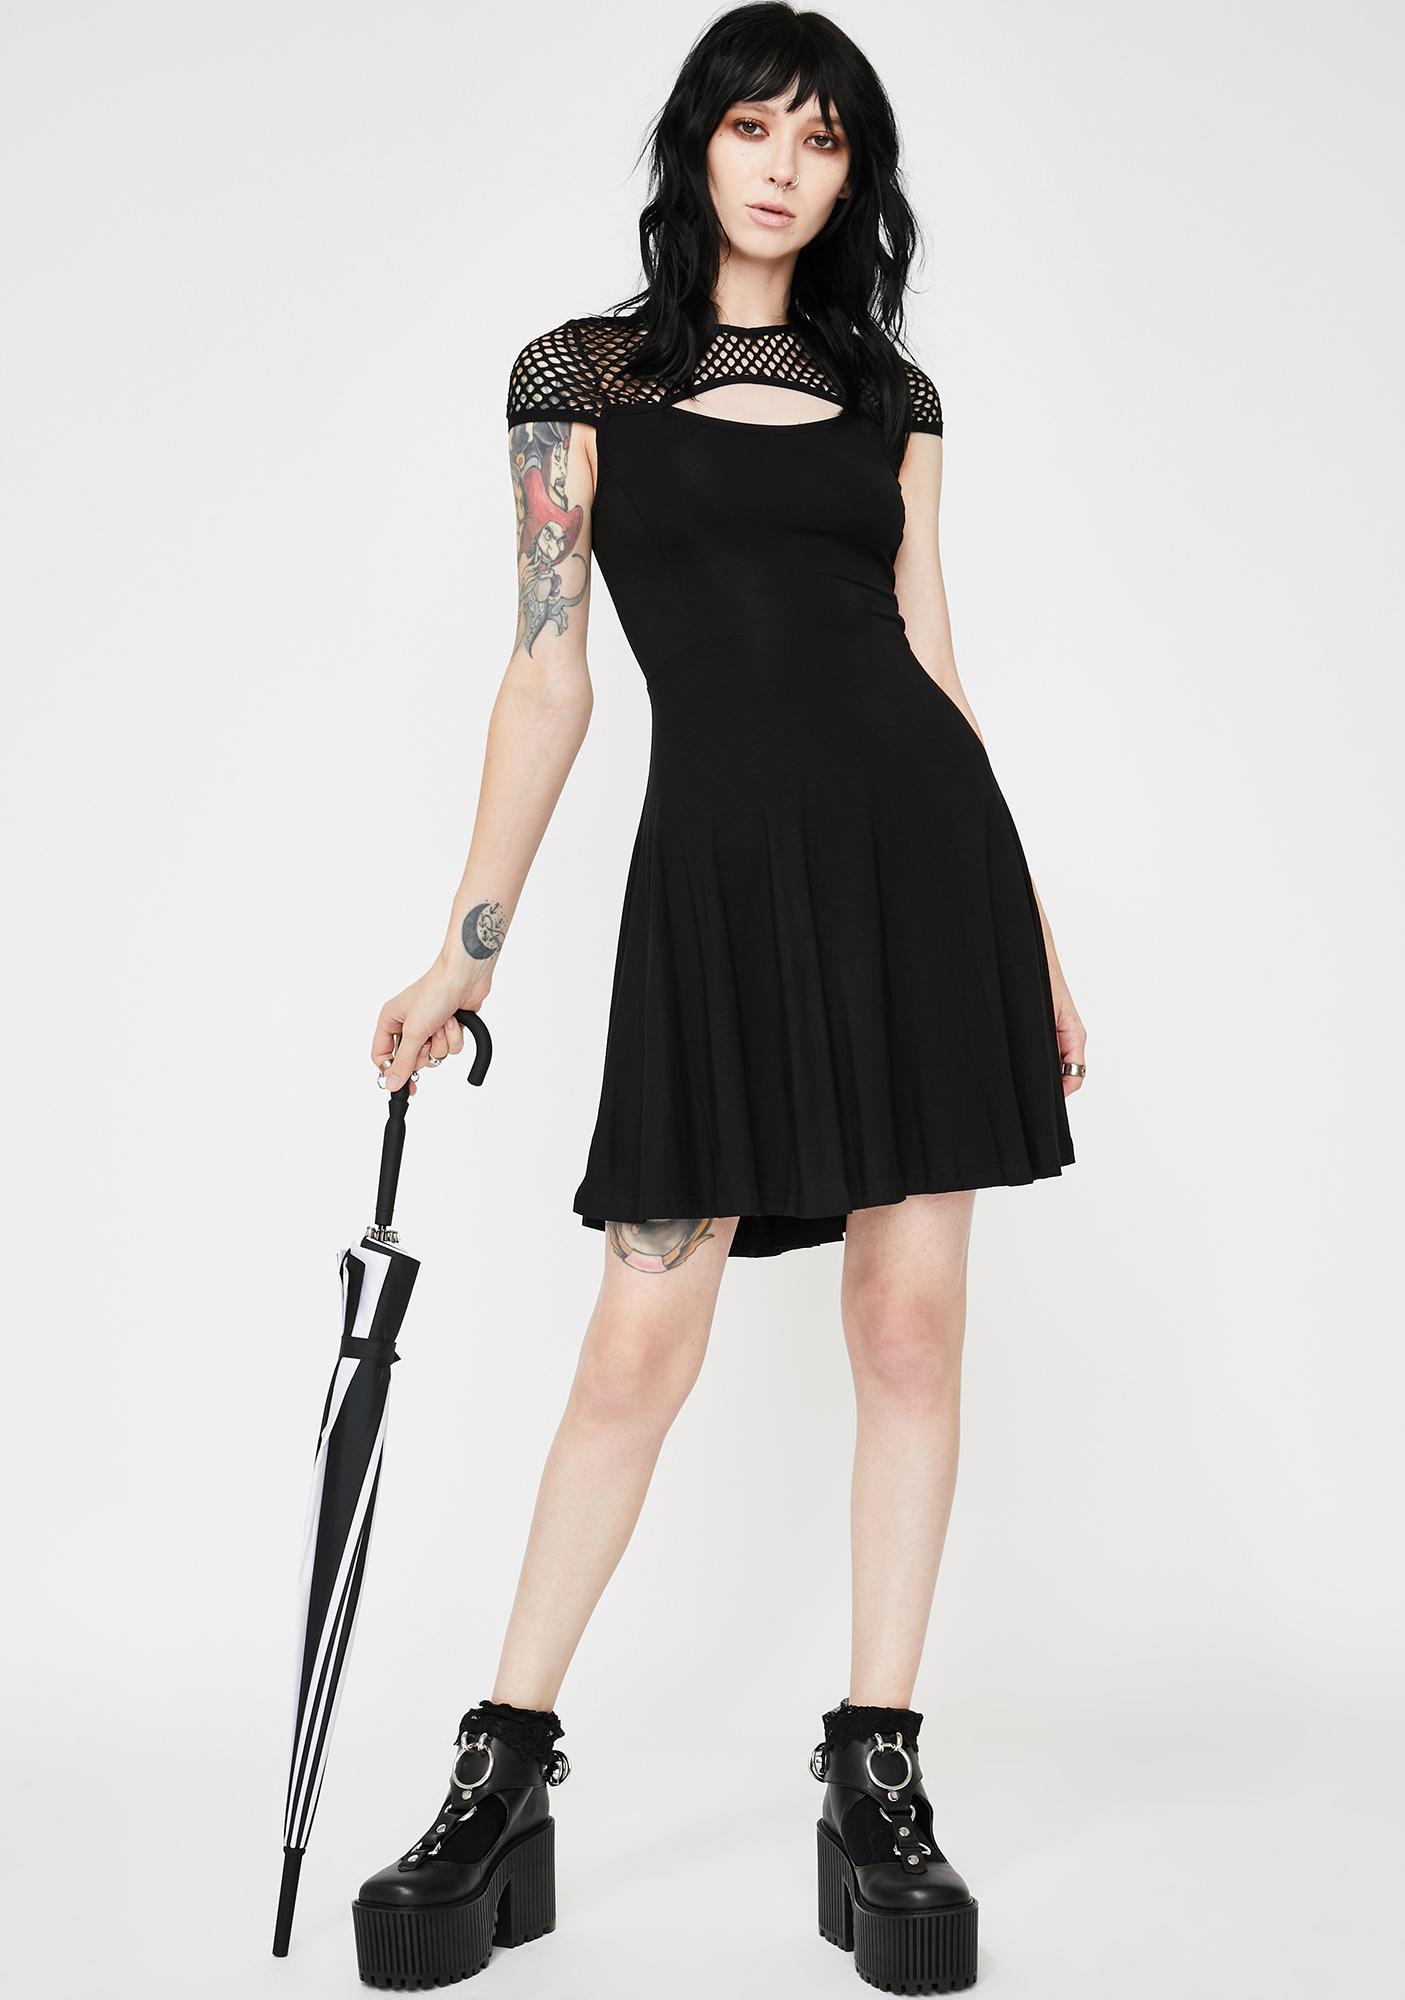 Killstar Absinthe Skater Dress